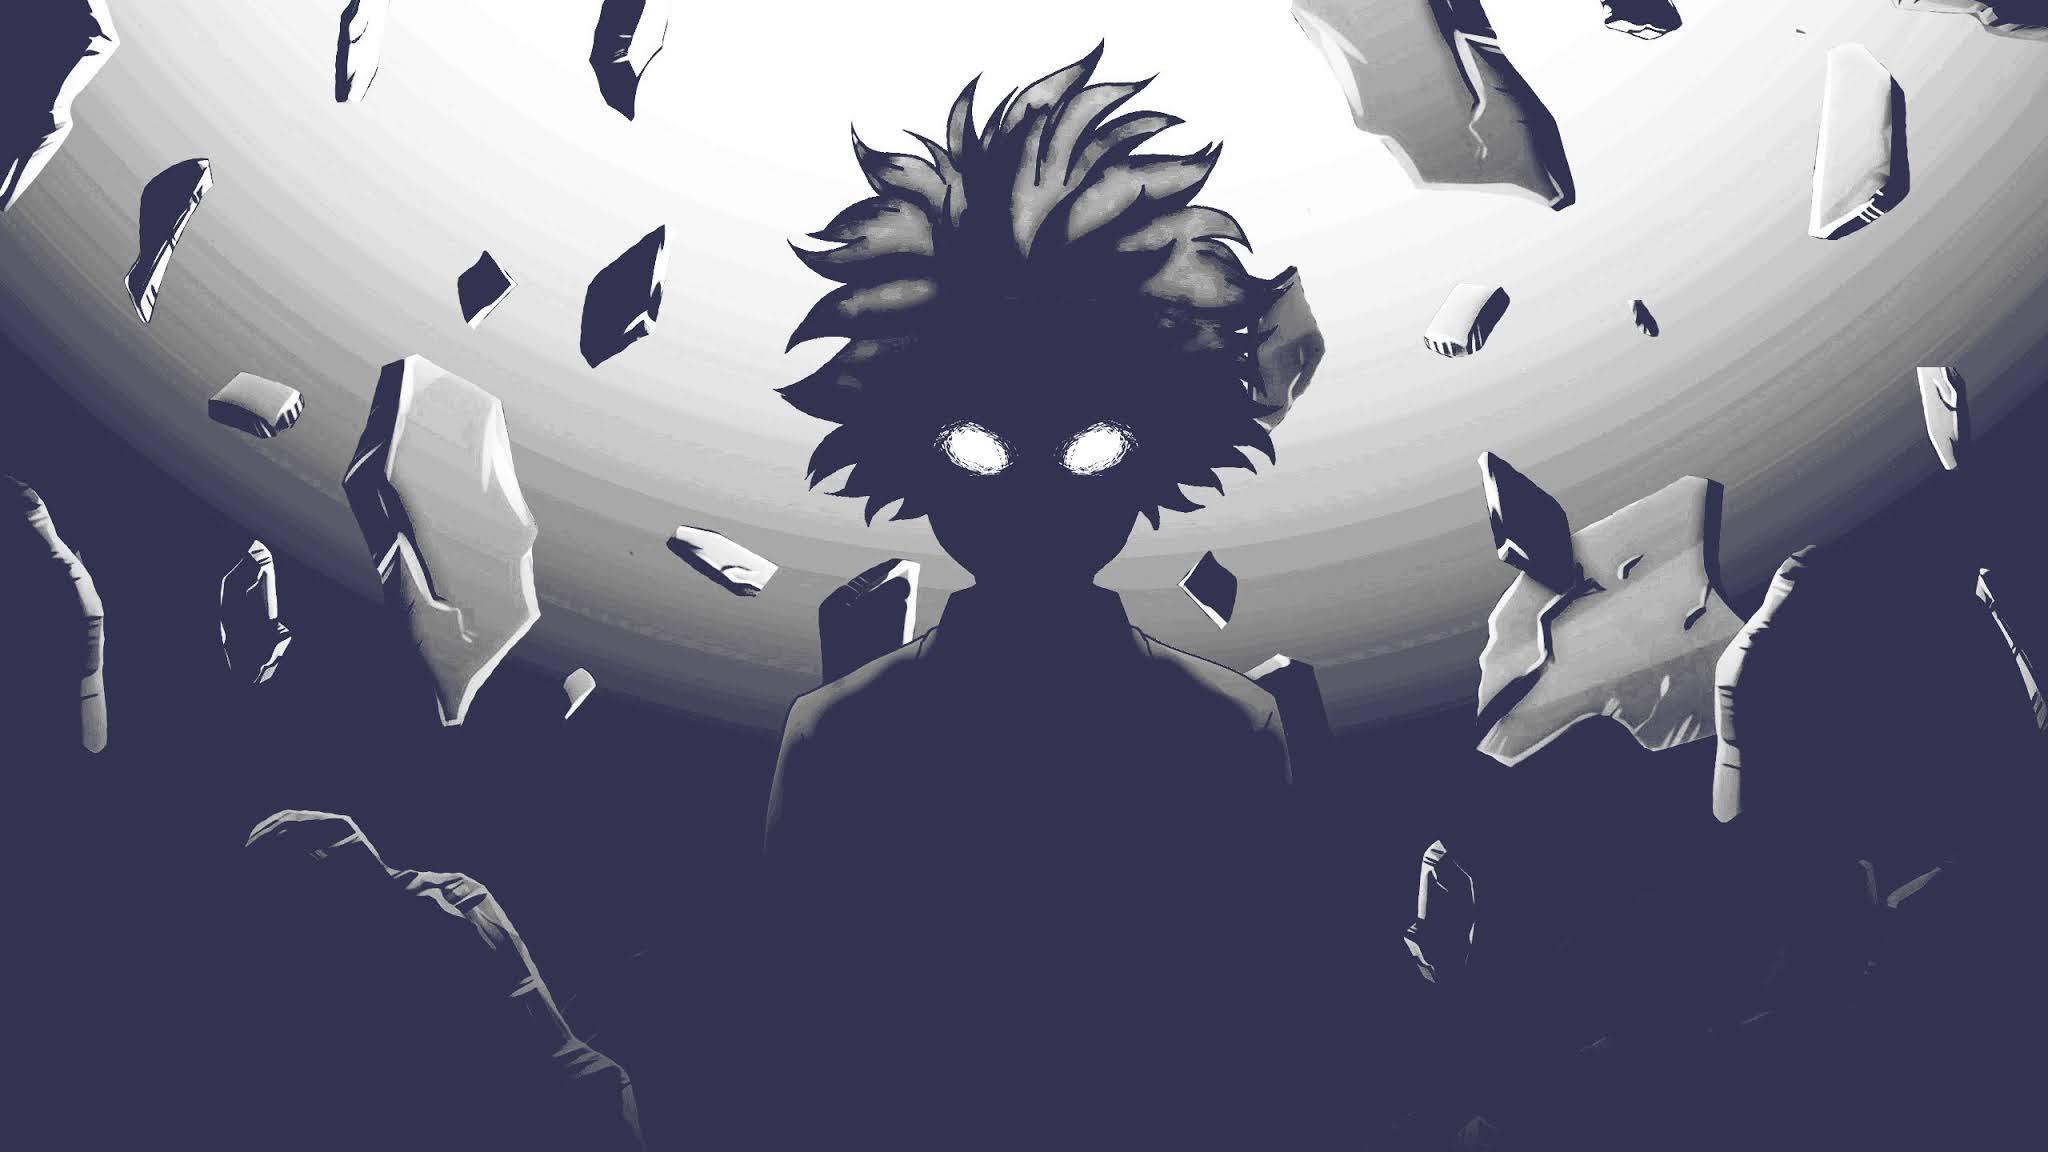 mob psycho wallpaper